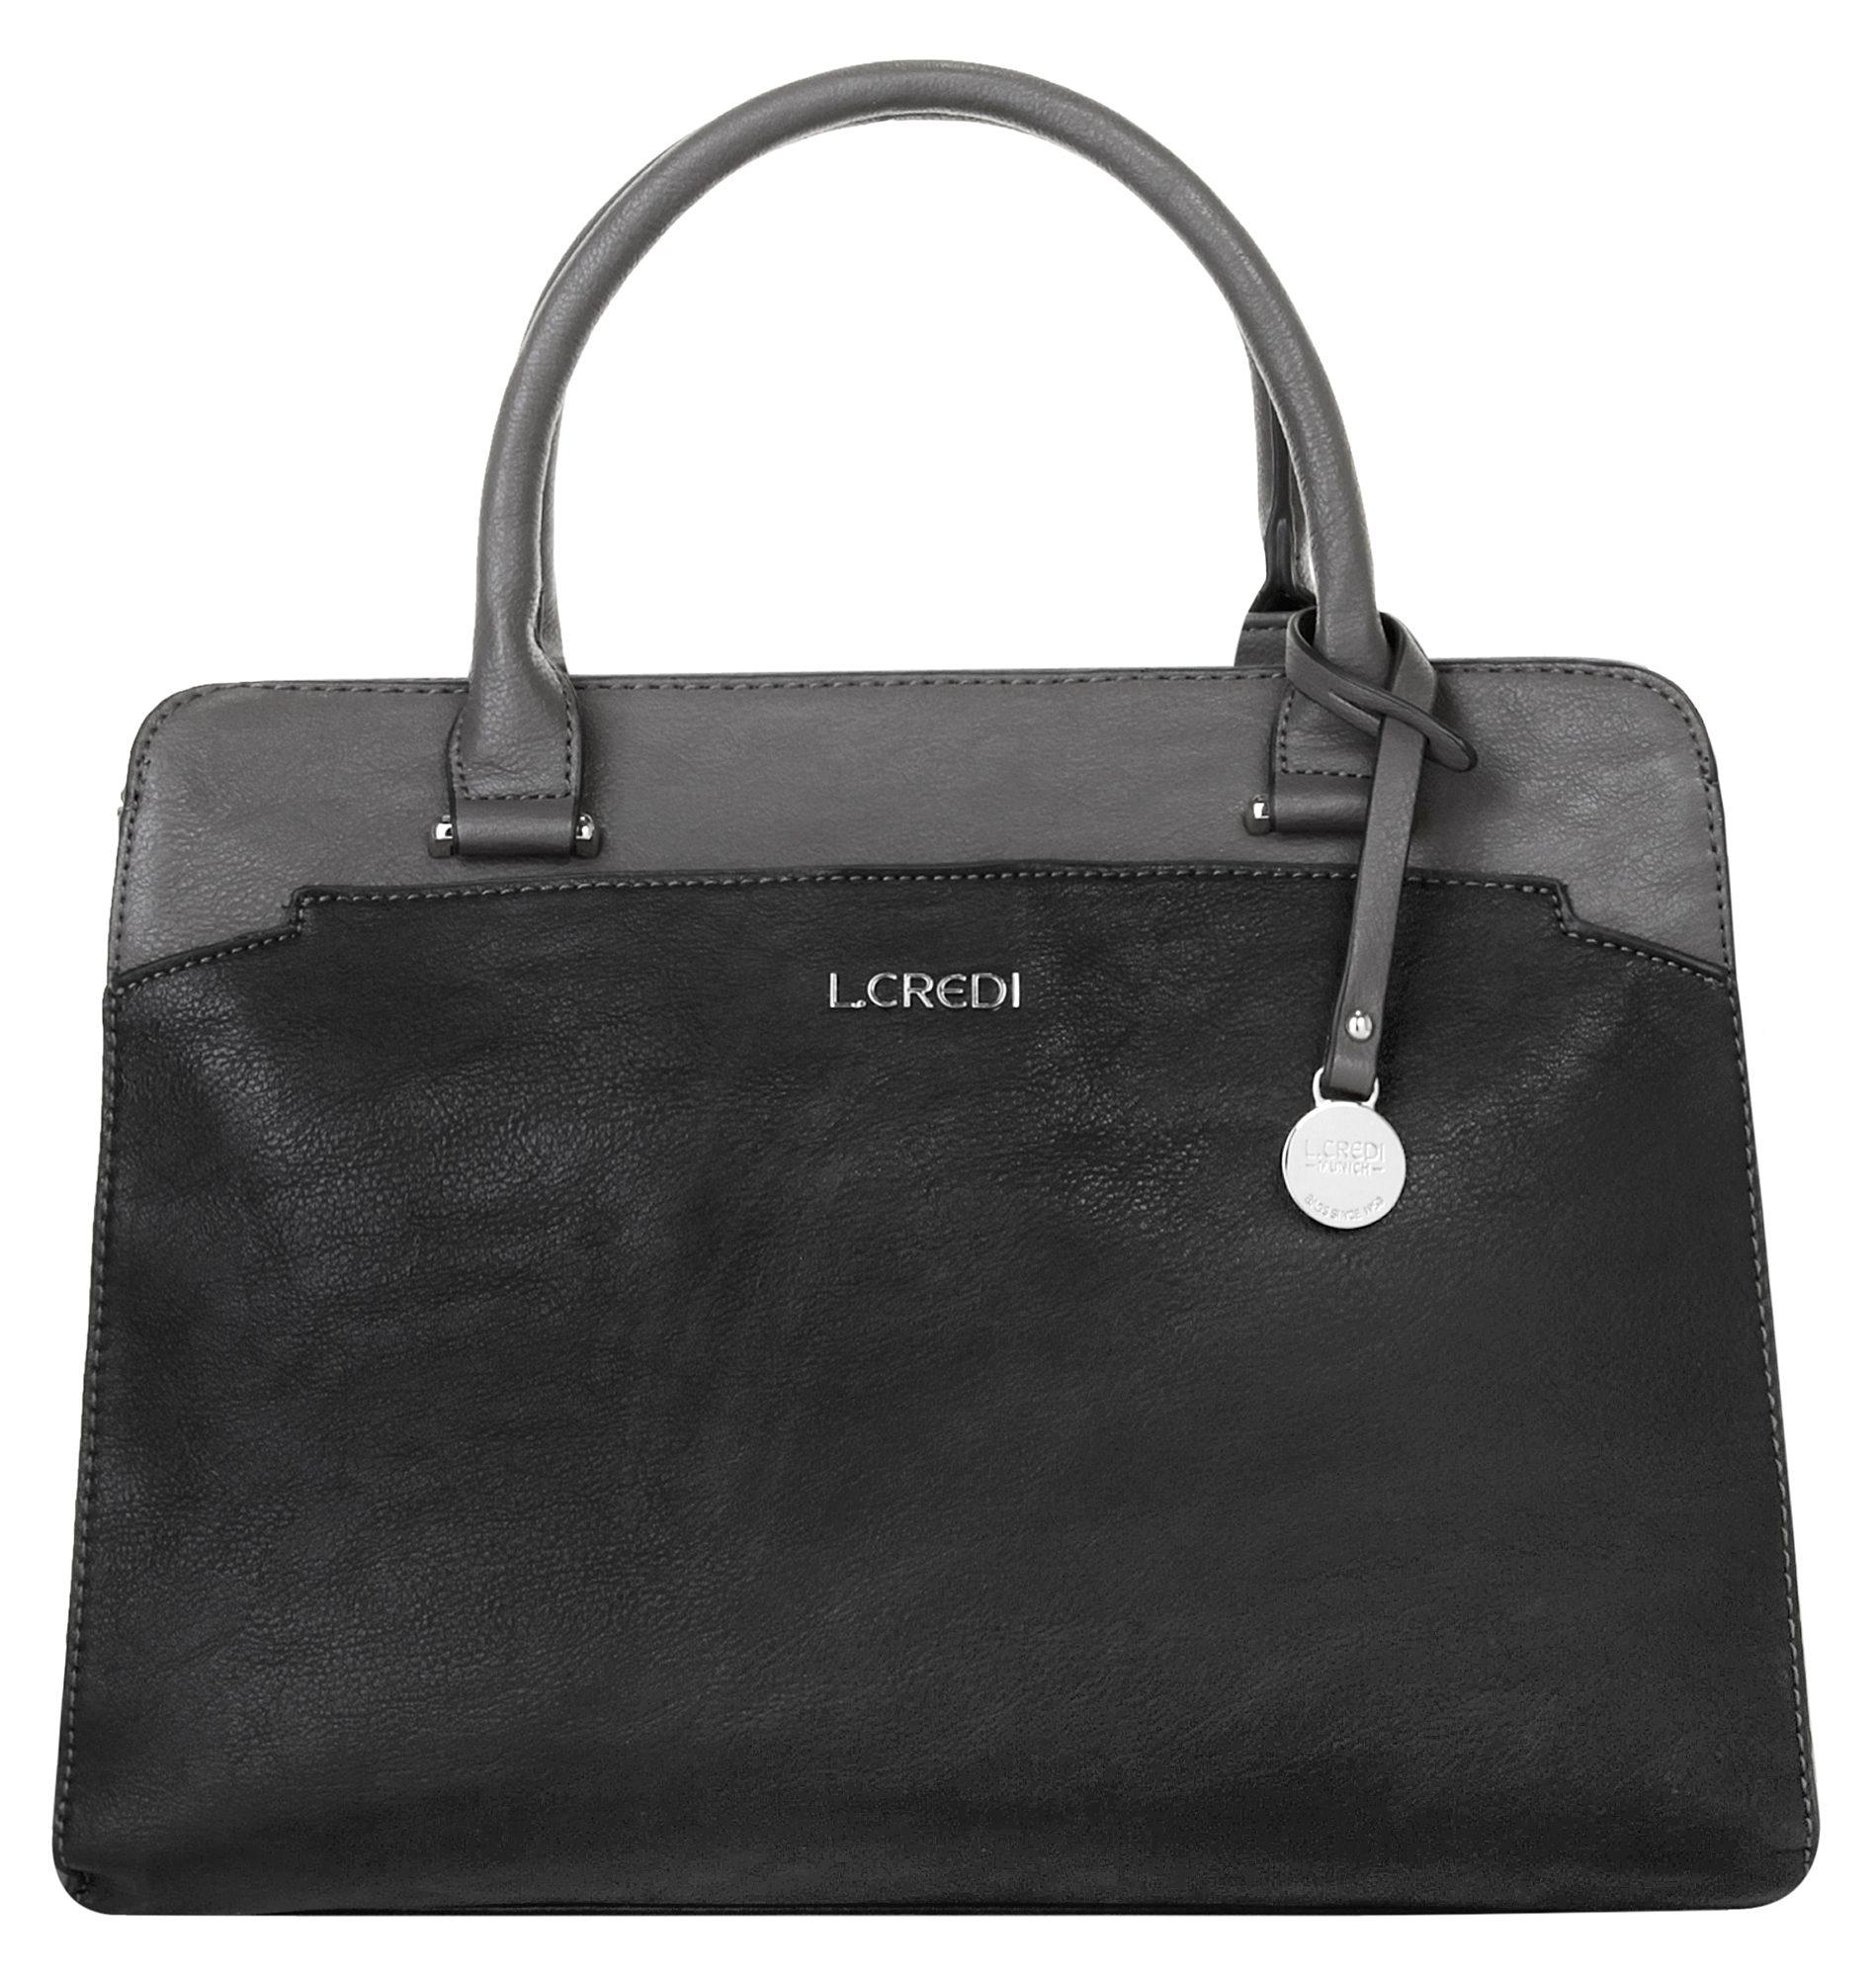 L.Credi Damen Handtasche »Kate«